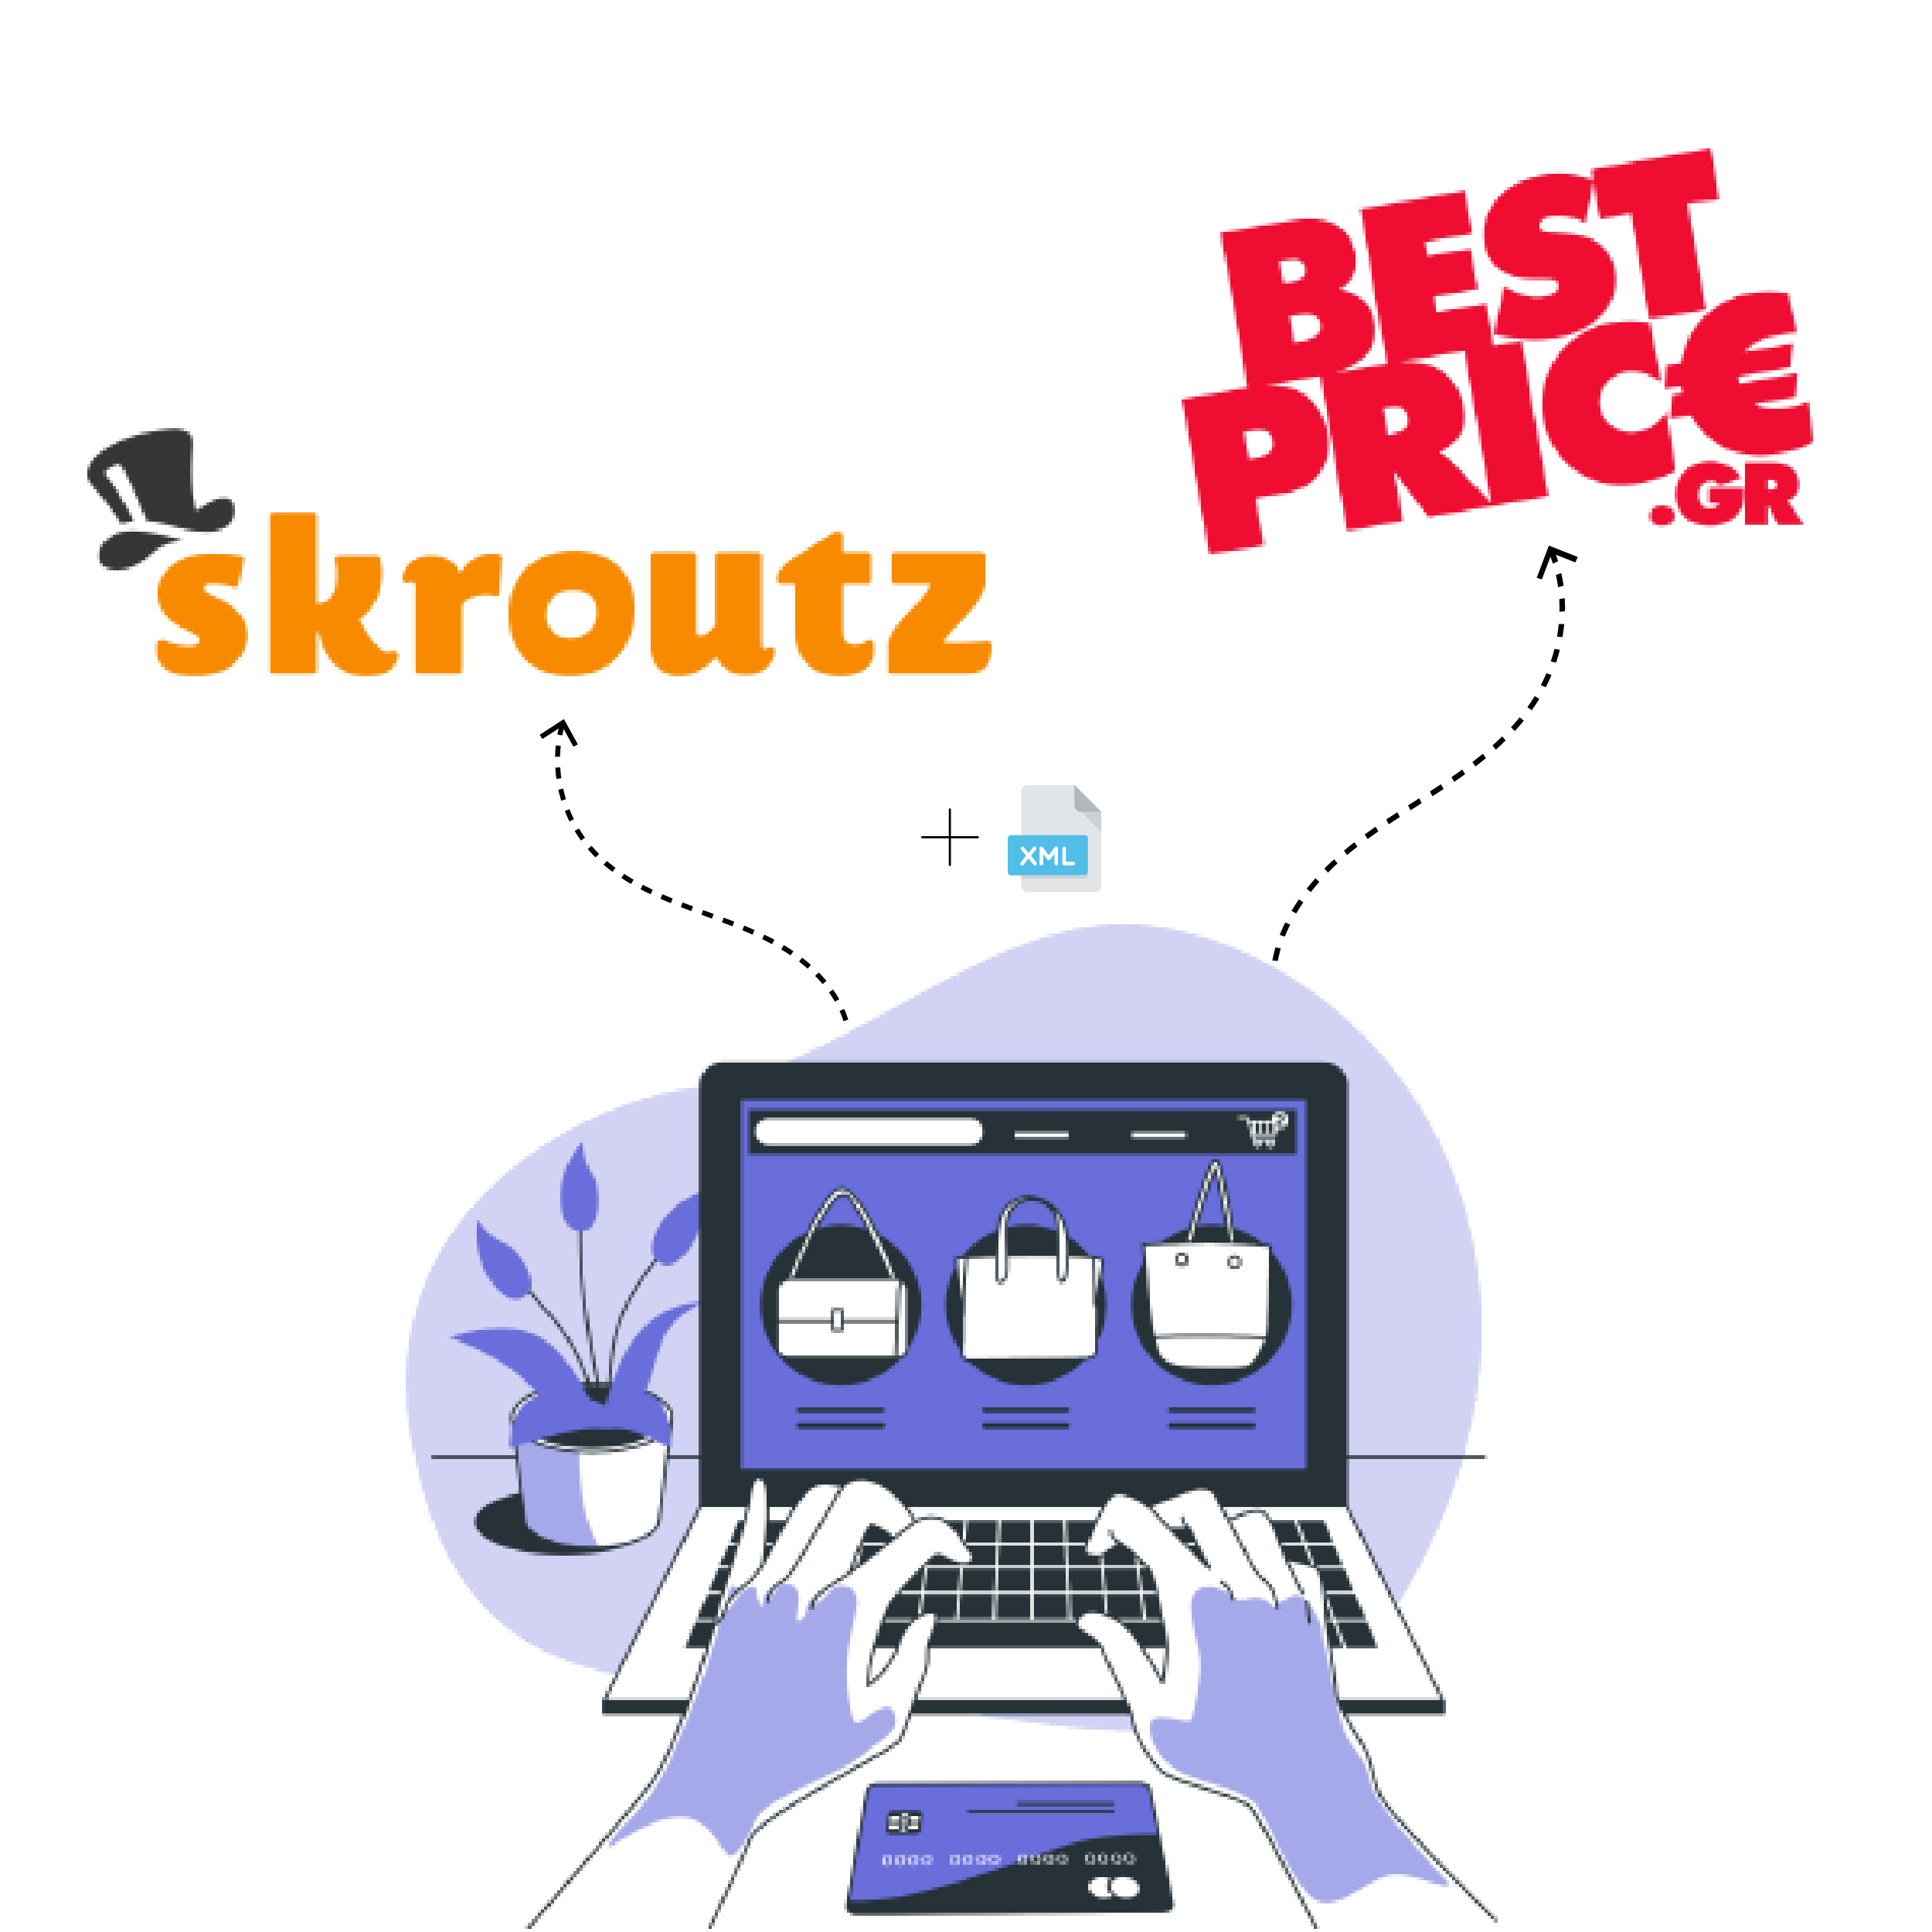 Κατασκευή eshop και διασύνδεση με skroutz και bestprice - istoselida.site